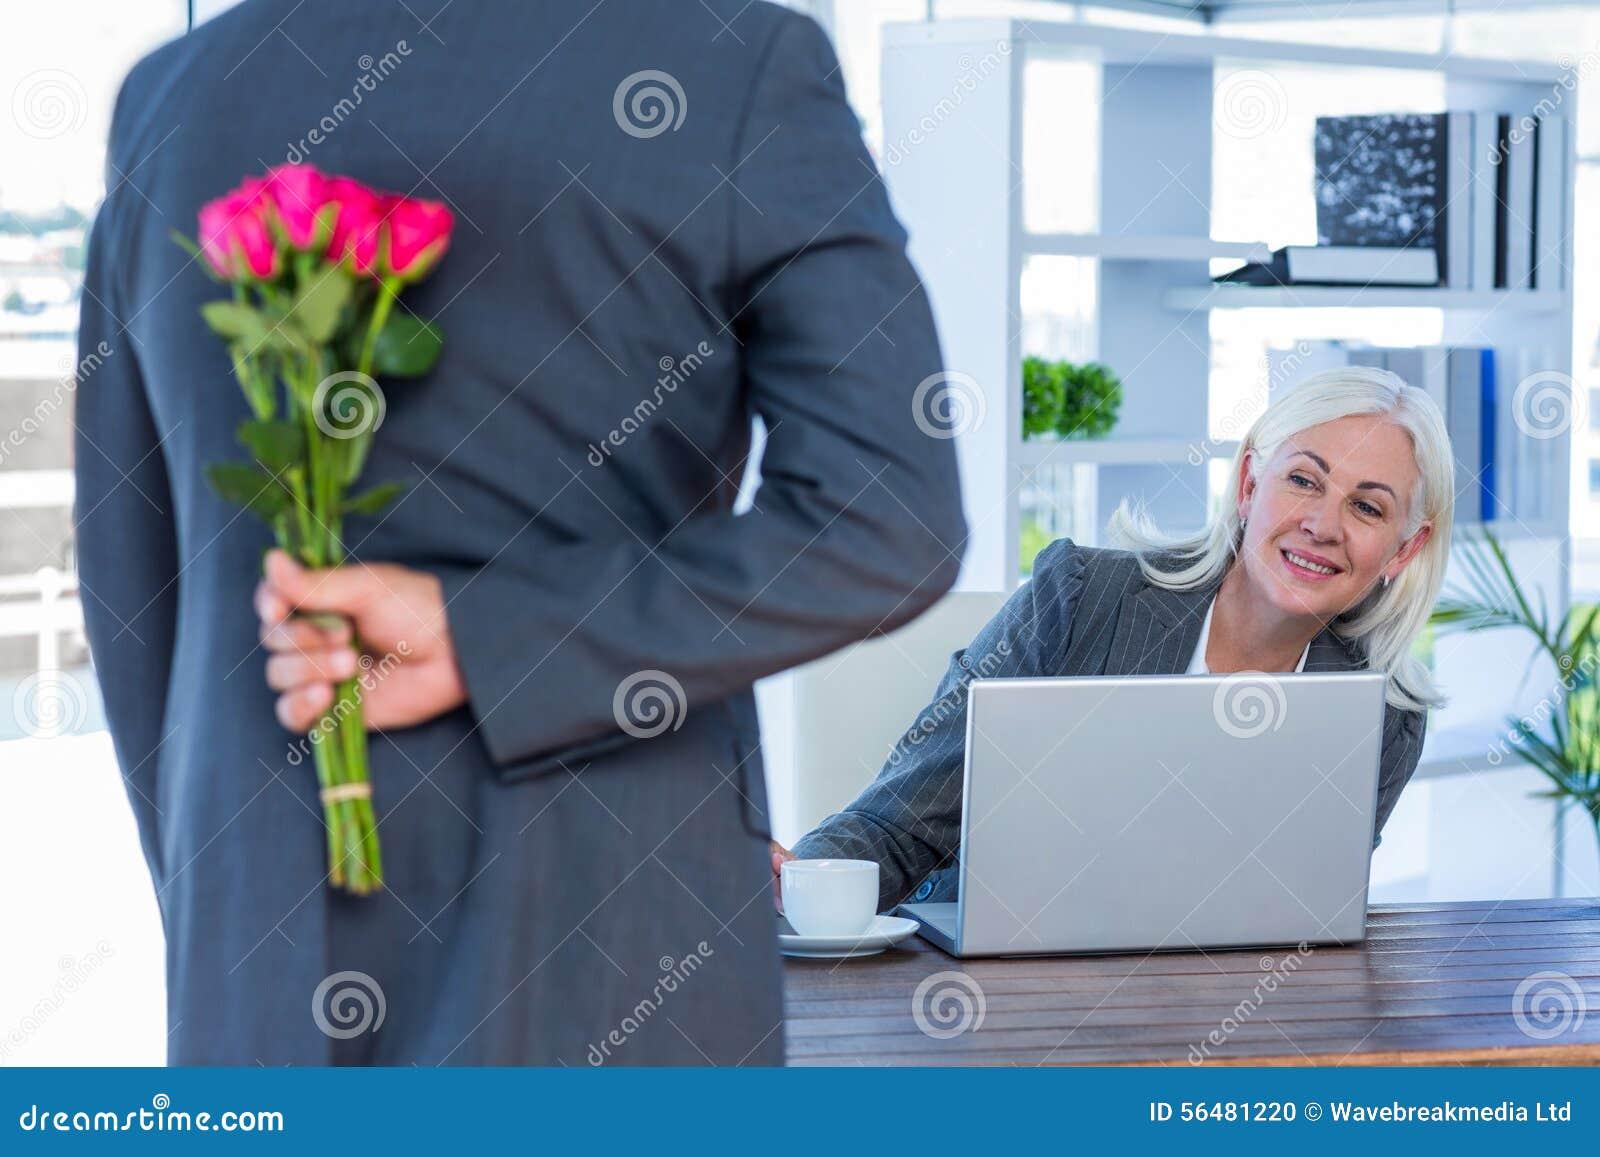 Les fleurs de dissimulation d homme d affaires derrière soutiennent pour le collègue